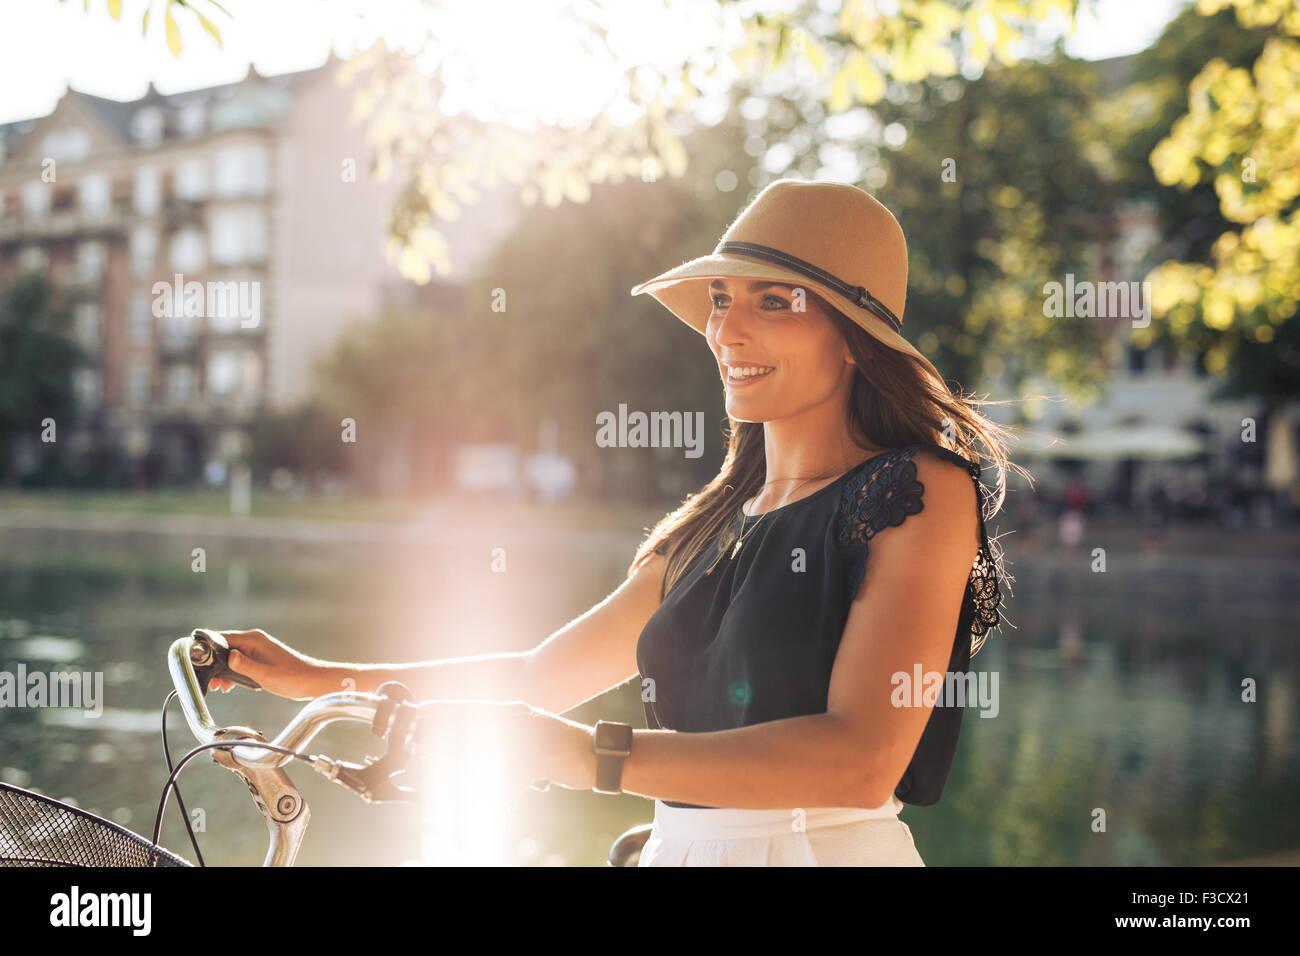 Porträt der glückliche junge Frau am Stadtpark zu Fuß an einem Teich mit ihrem Fahrrad. Europäische Stockbild